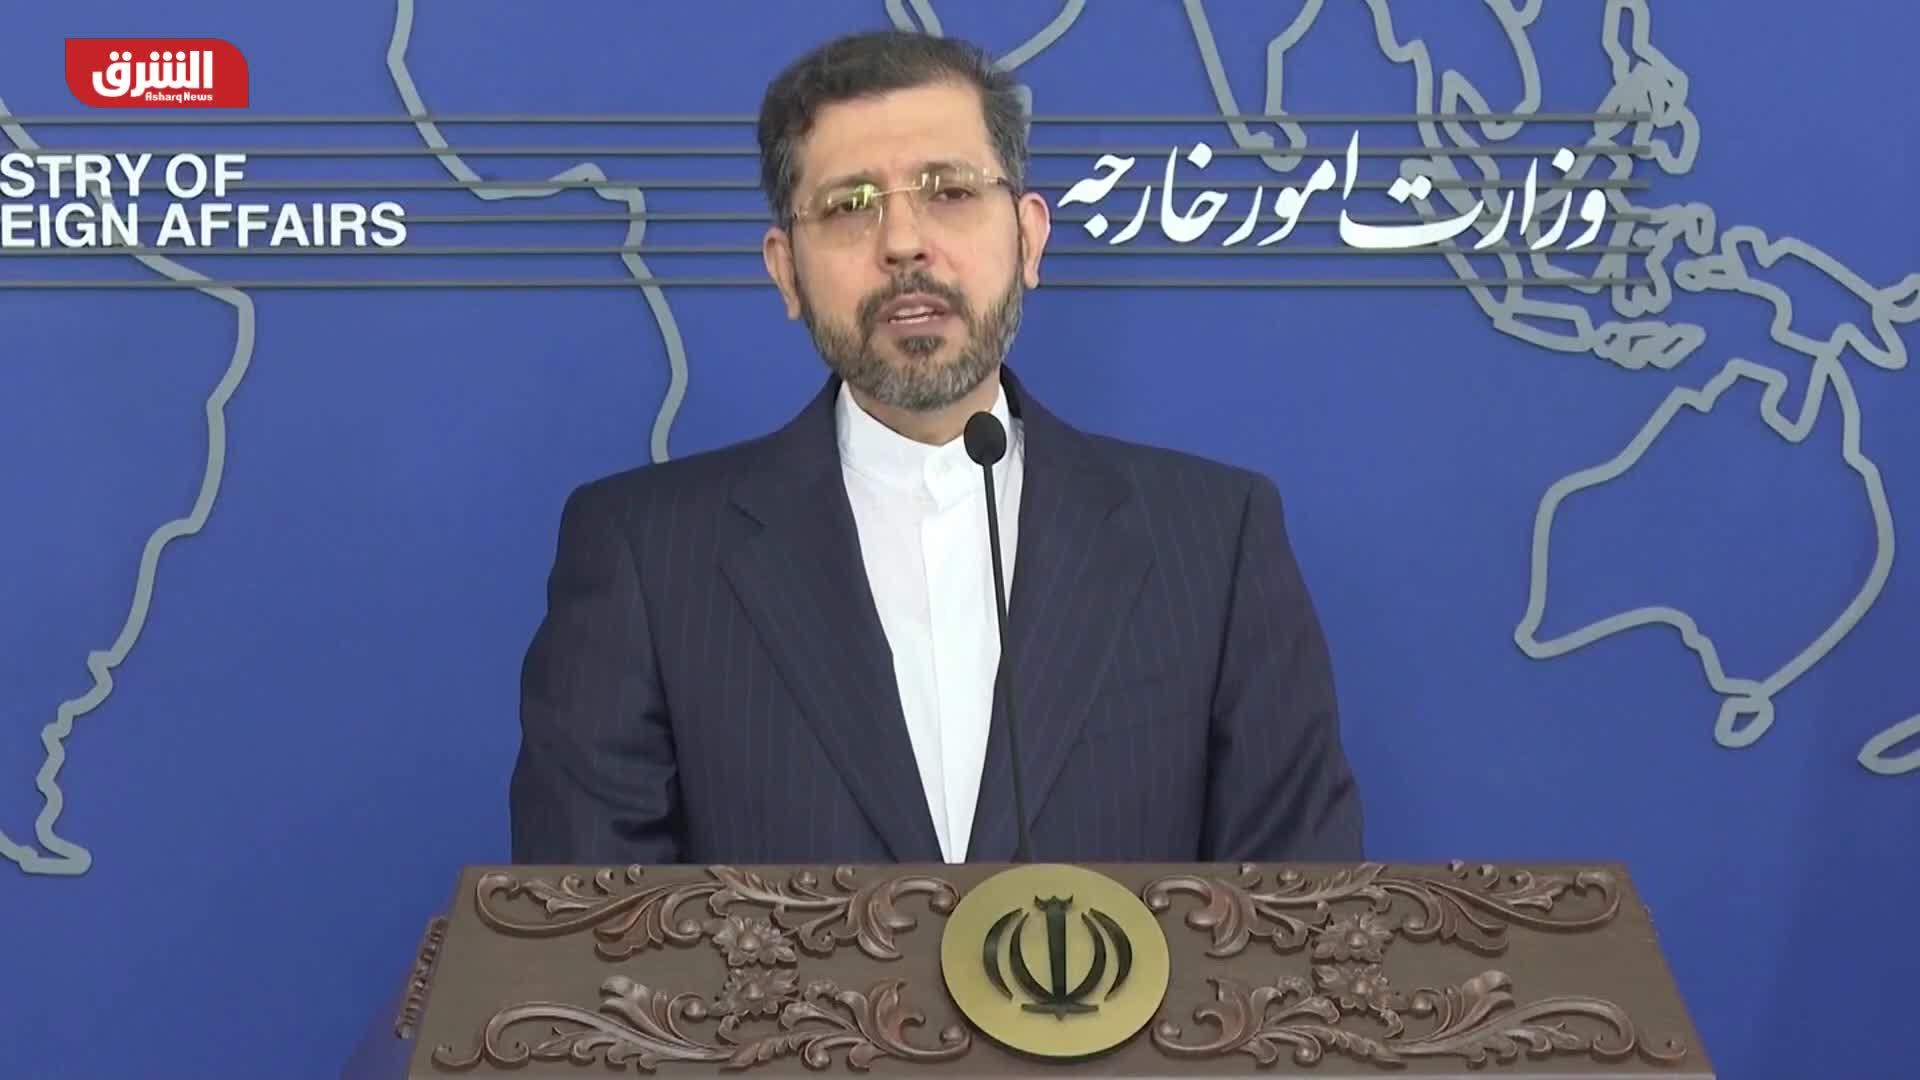 الاتفاق النووي.. إيران تعلن عن مفاوضات تحضيرية وأوروبا تحذر من نفاد الوقت